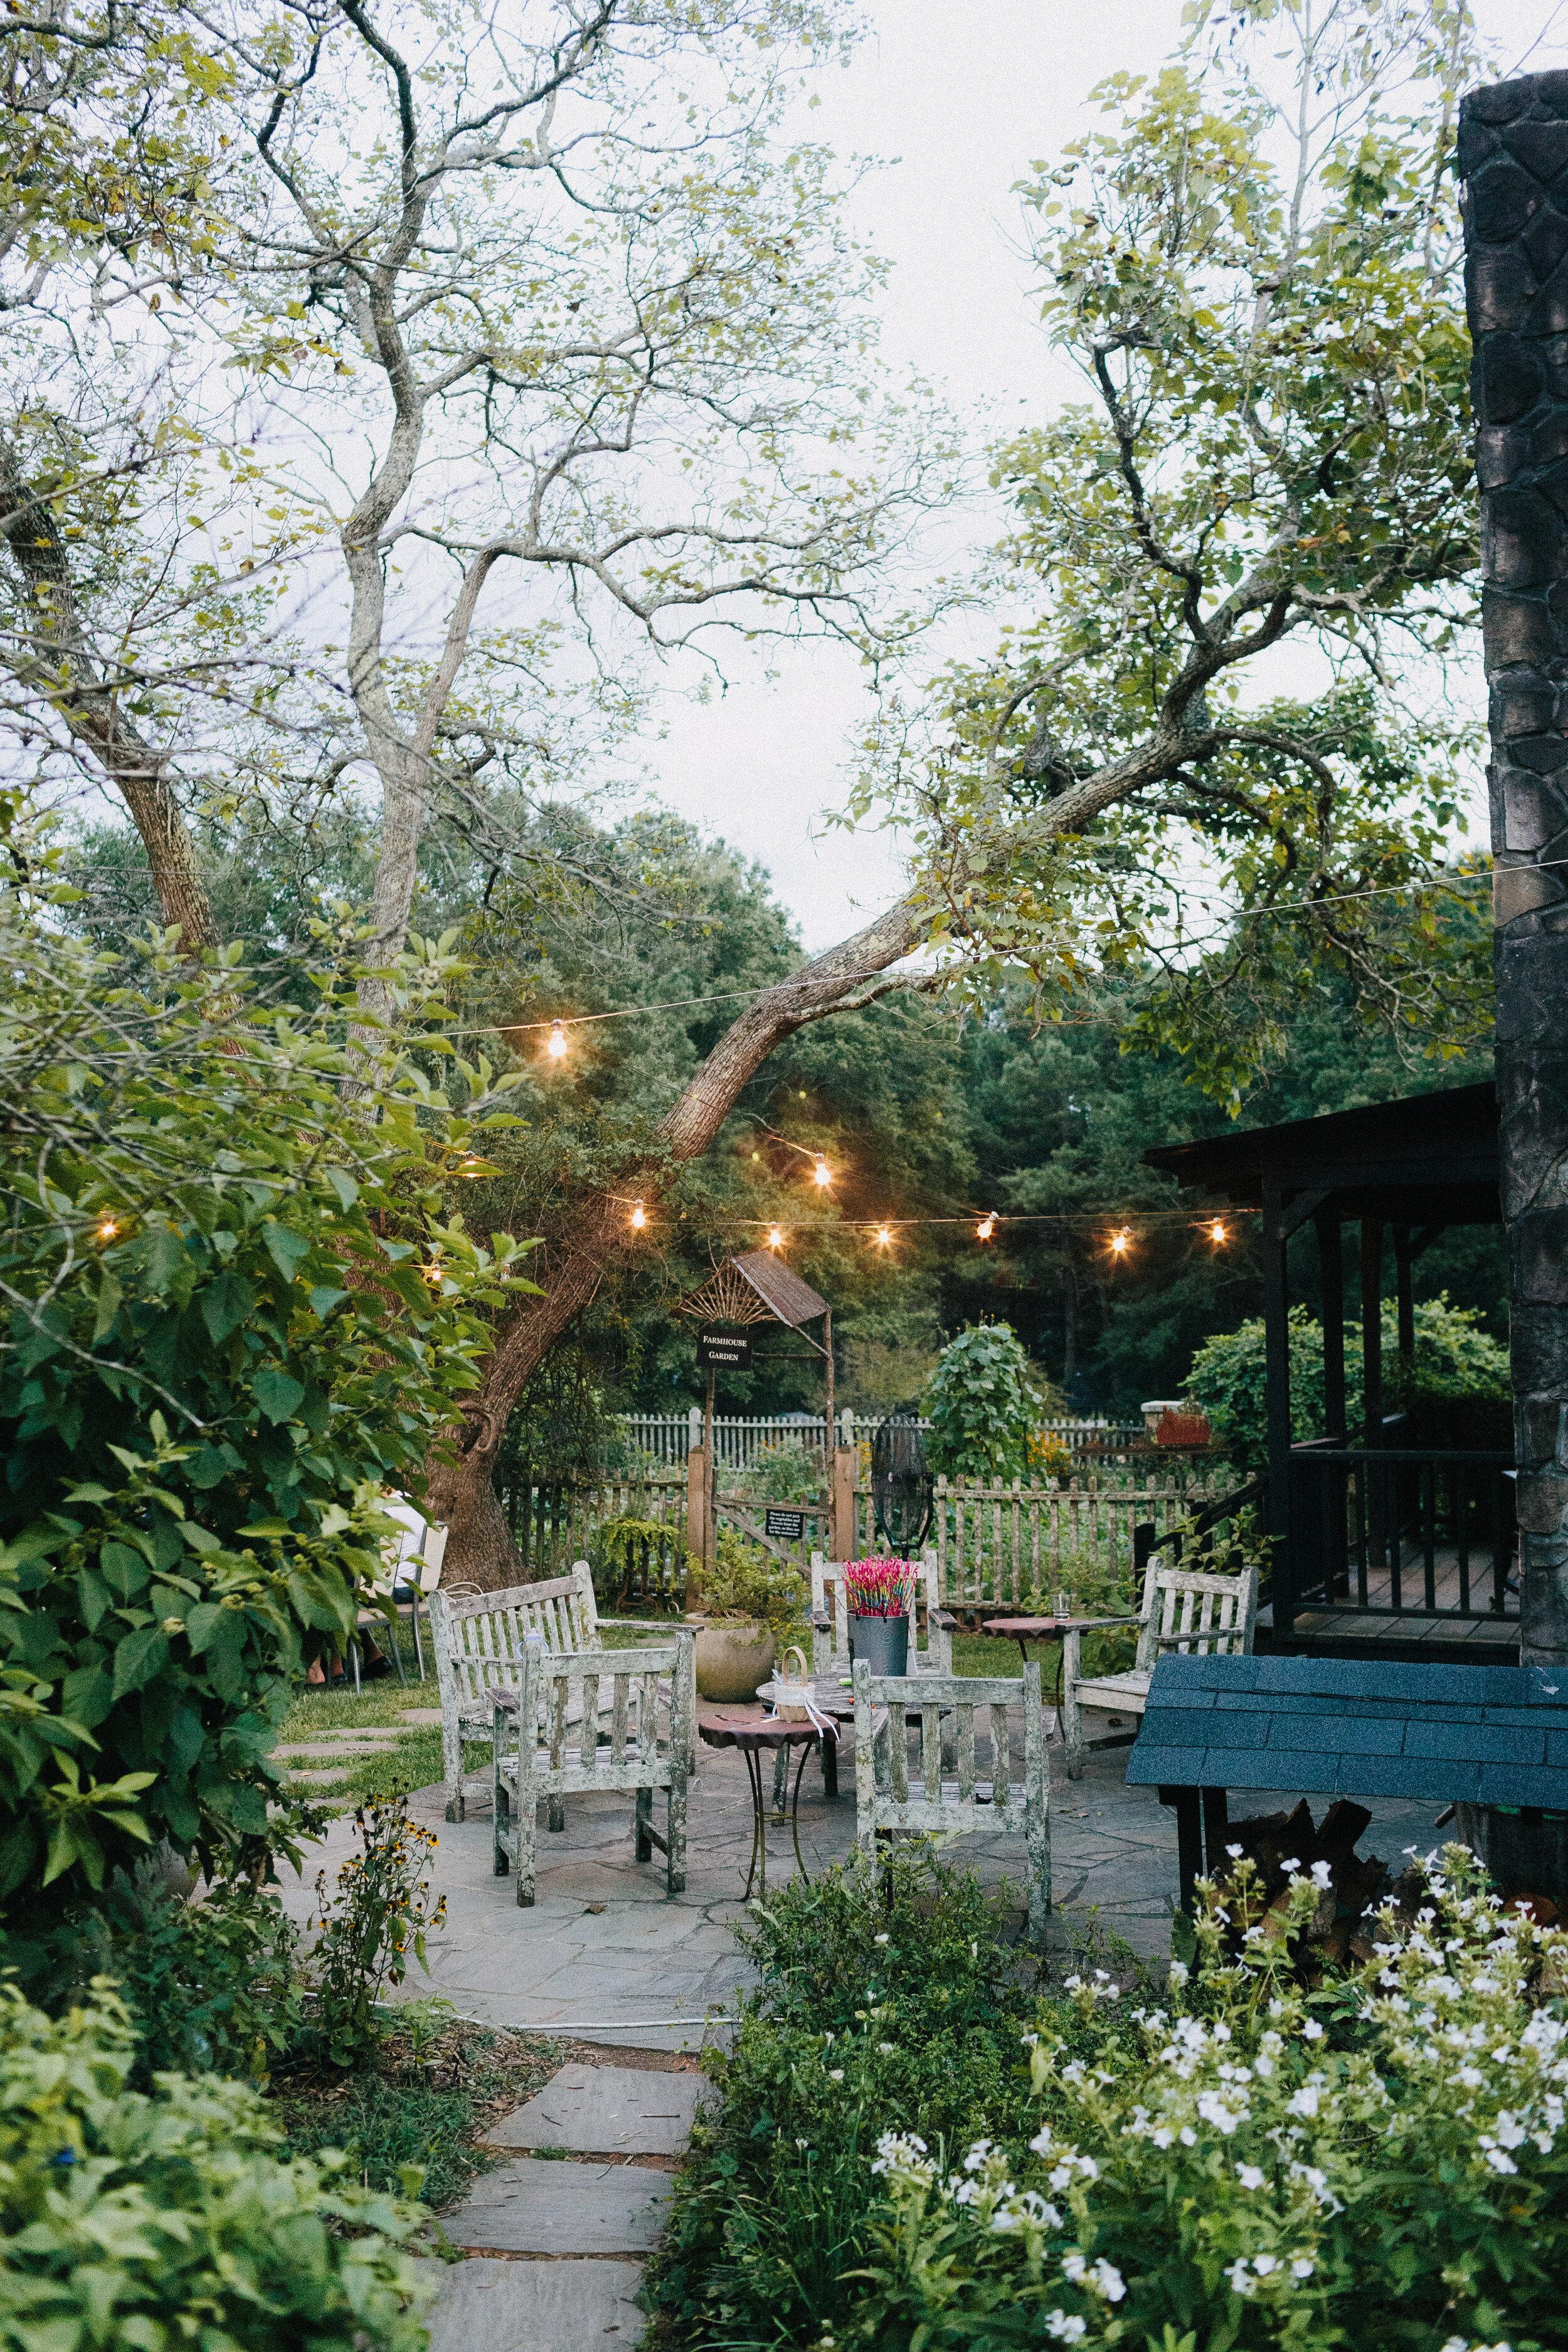 serenbe_forest_summer_wedding_farmhouse_guest_house_garden_3075.jpg